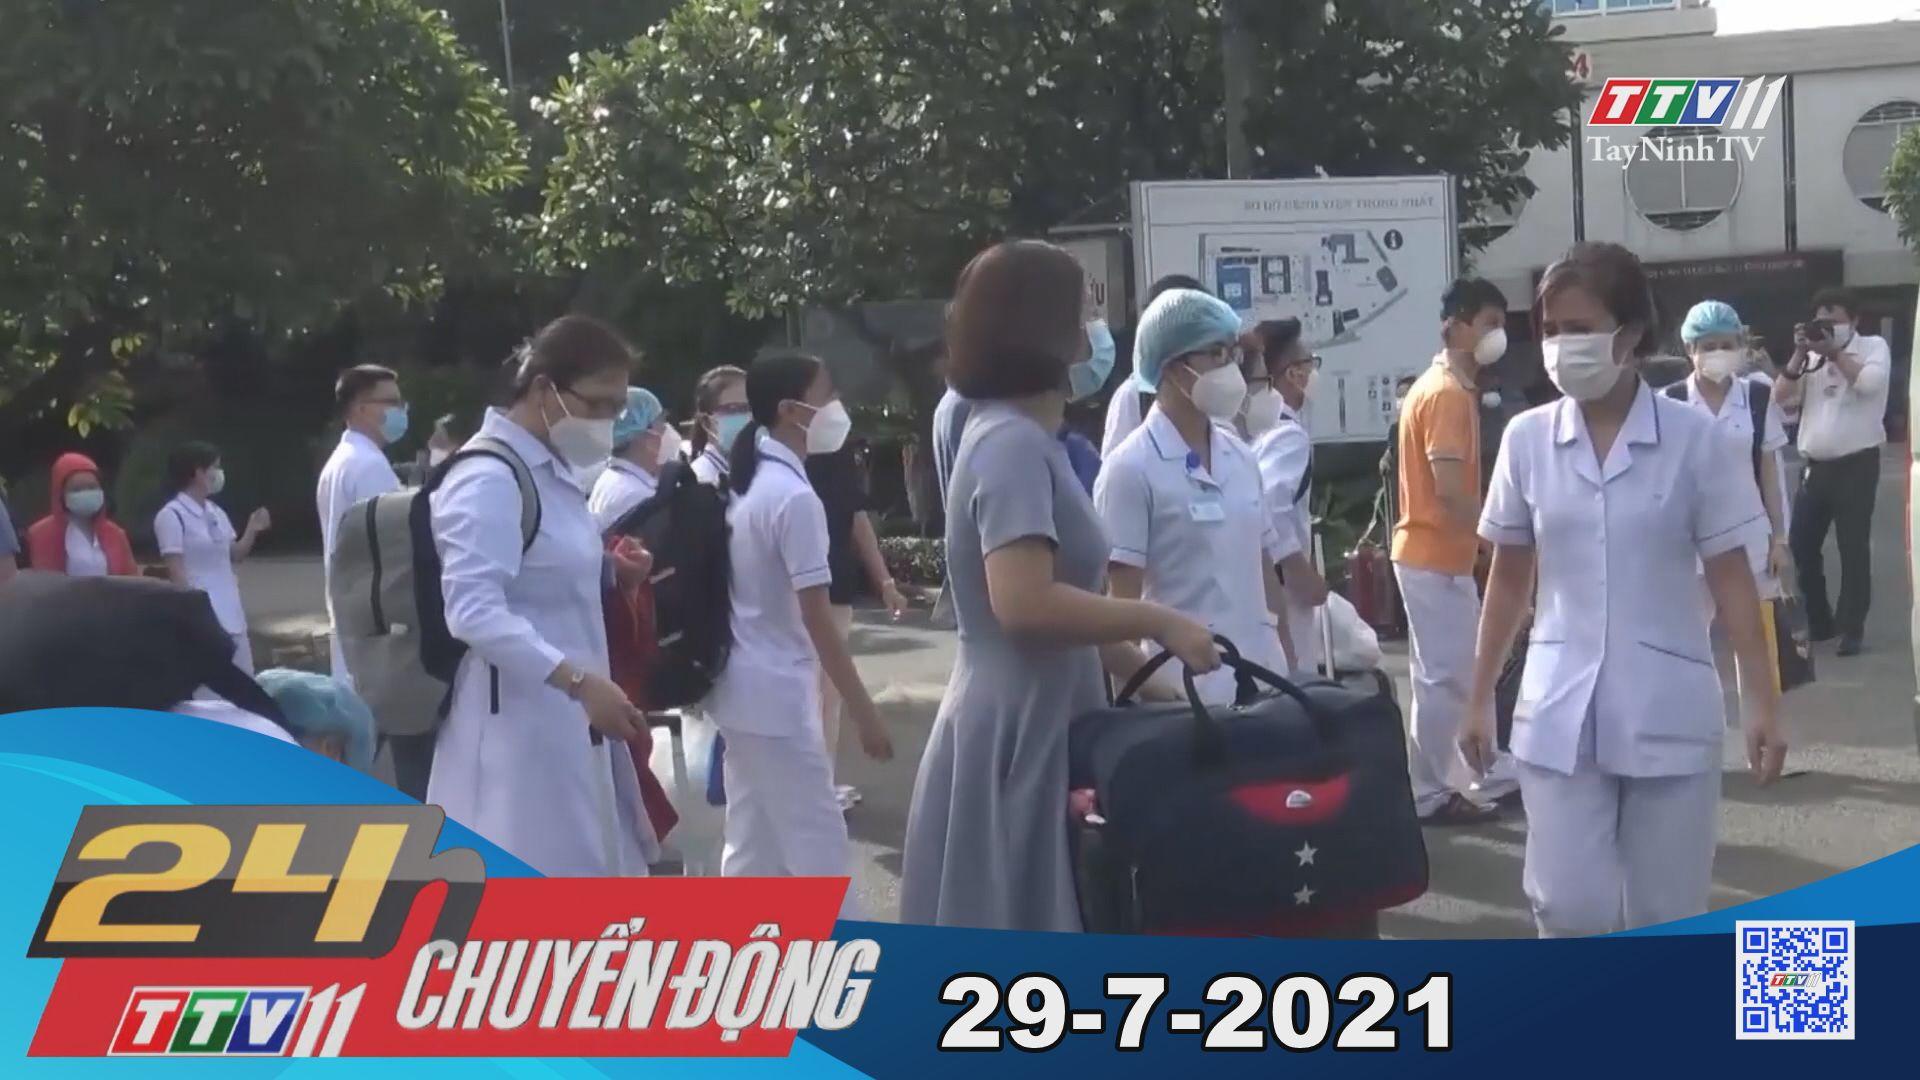 24h Chuyển động 29-7-2021 | Tin tức hôm nay | TayNinhTV